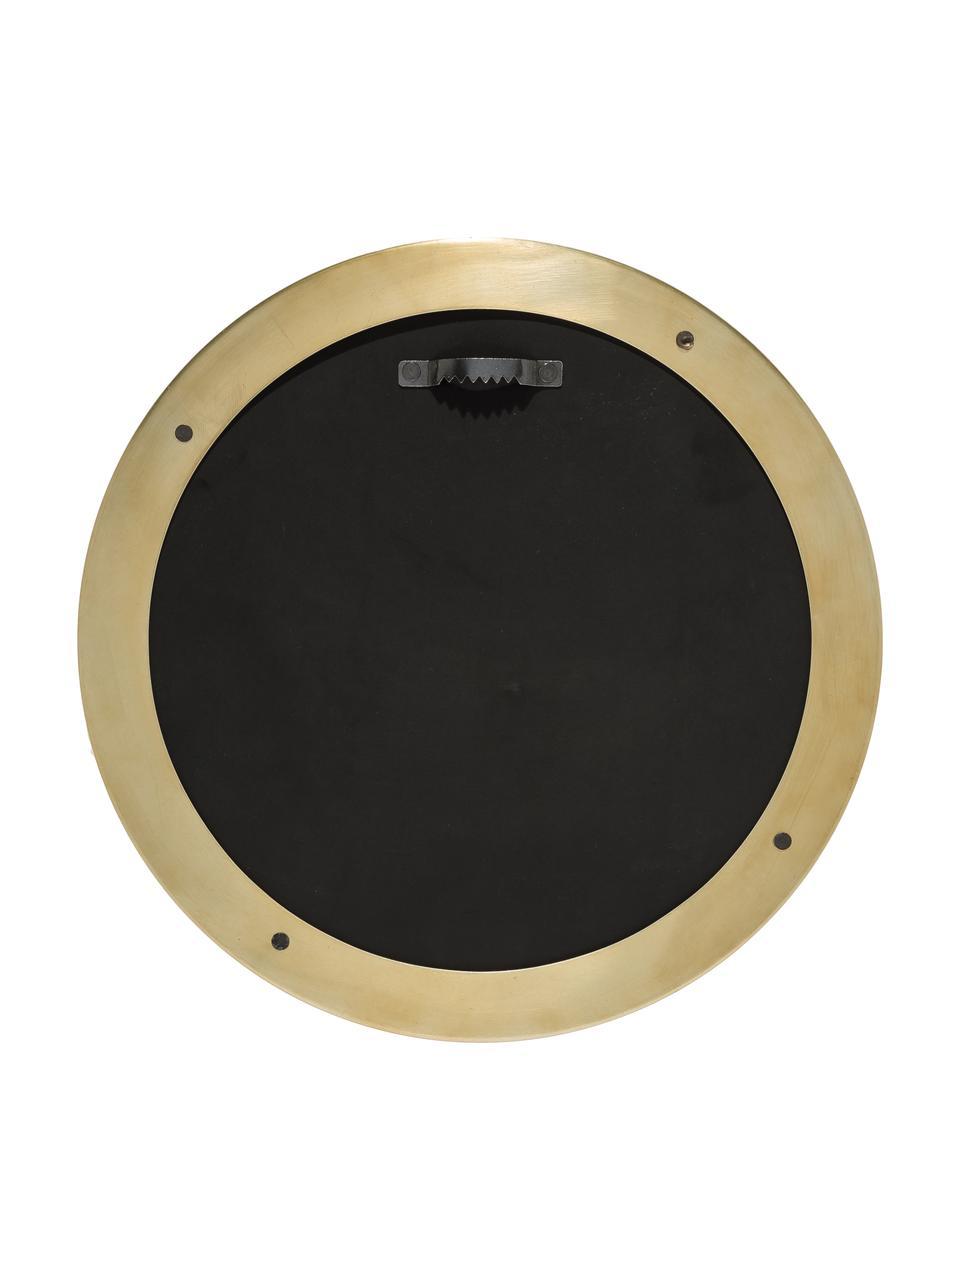 Specchio da parete rotondo con cornice dorata Metal, Cornice: metallo verniciato con se, Cornice: dorato Lastra di vetro, Ø 30 cm